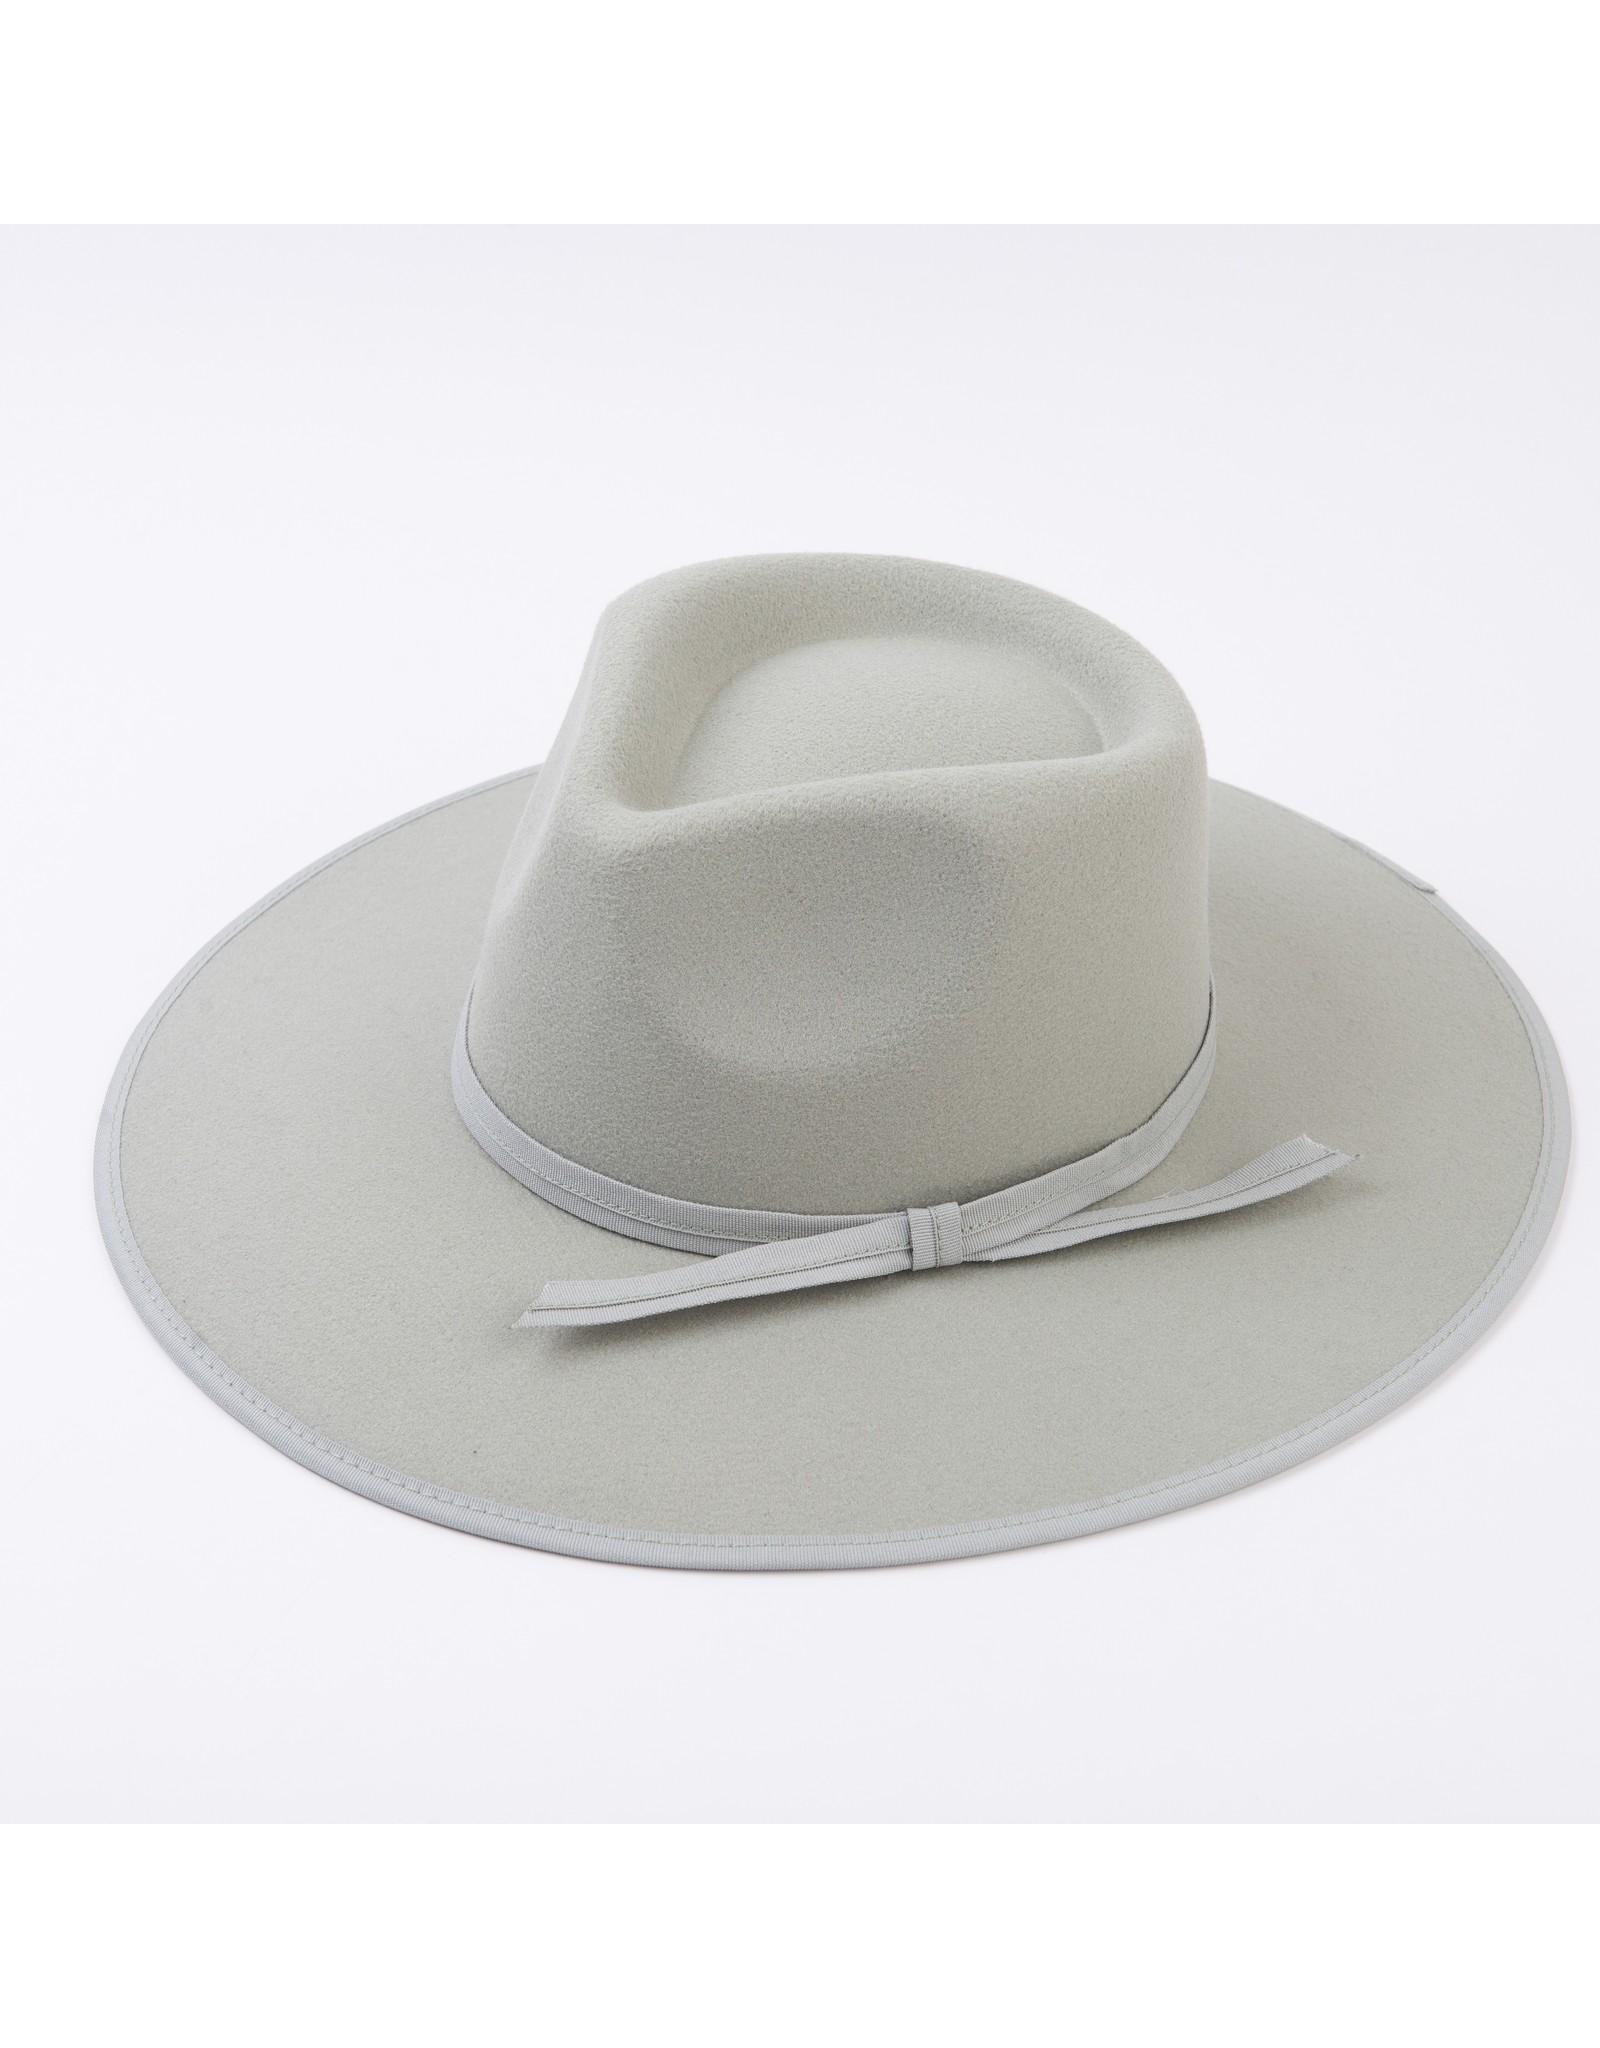 Lucca Couture Dylan Vegan Felt Rancher Hat, Wavy Brim/Mint